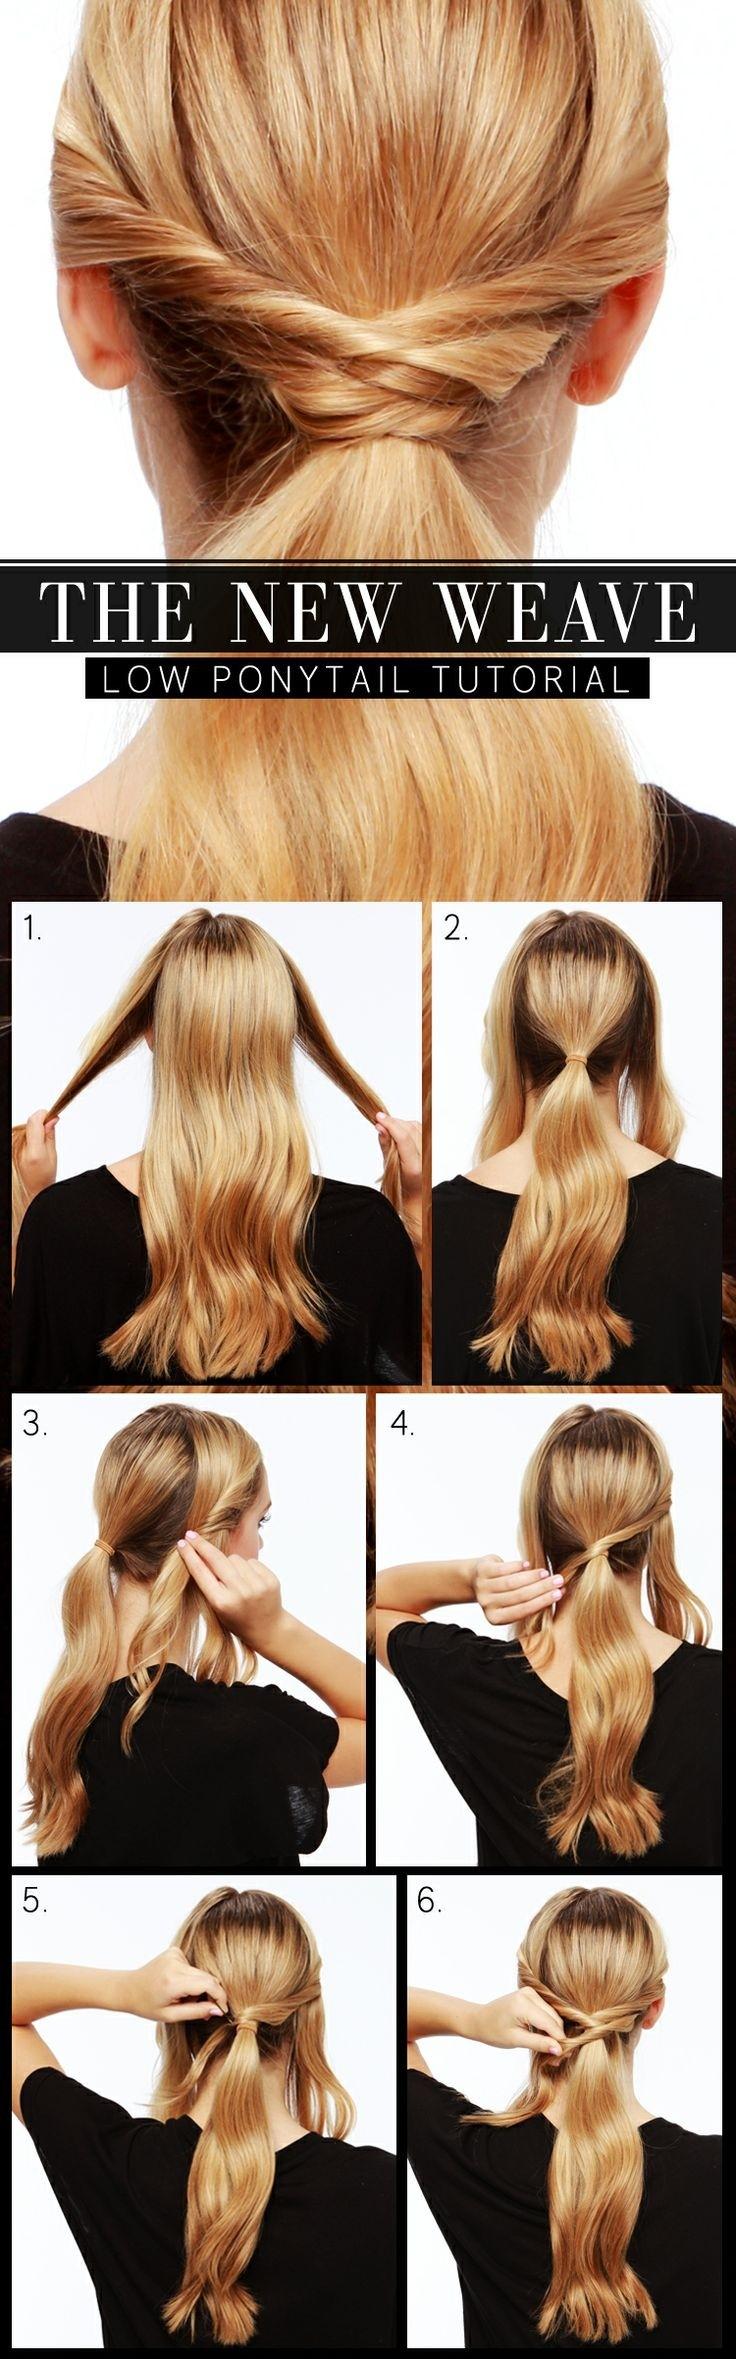 Tutoriels de coiffure pour queues de cheval charmants et utiles